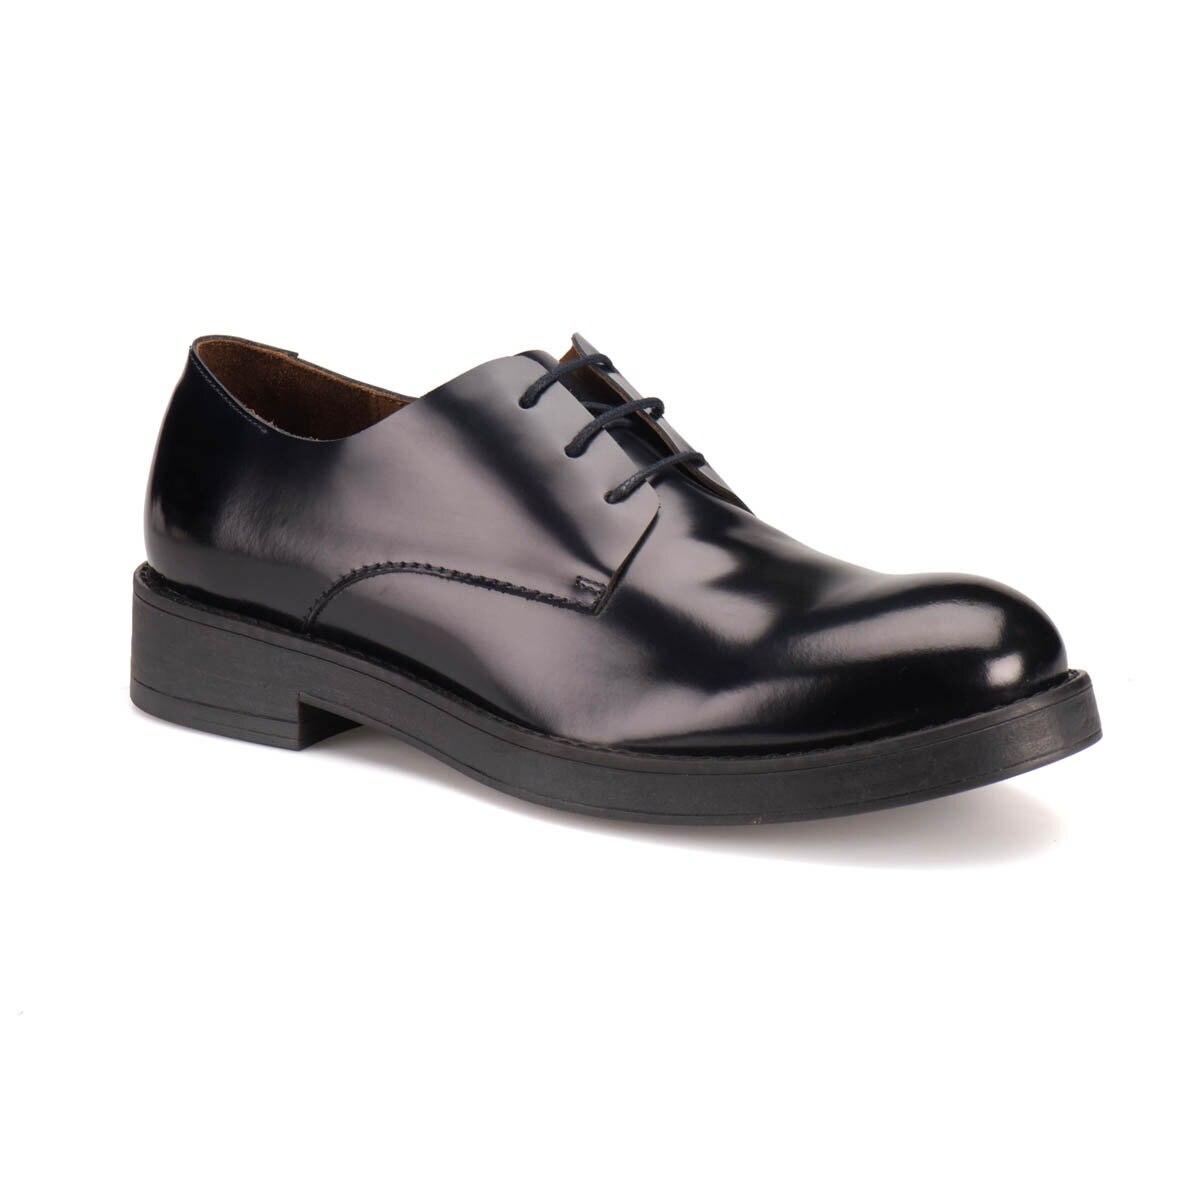 FLO 61370 M 1366 Navy Blue Men 'S Classic Shoes Cordovan